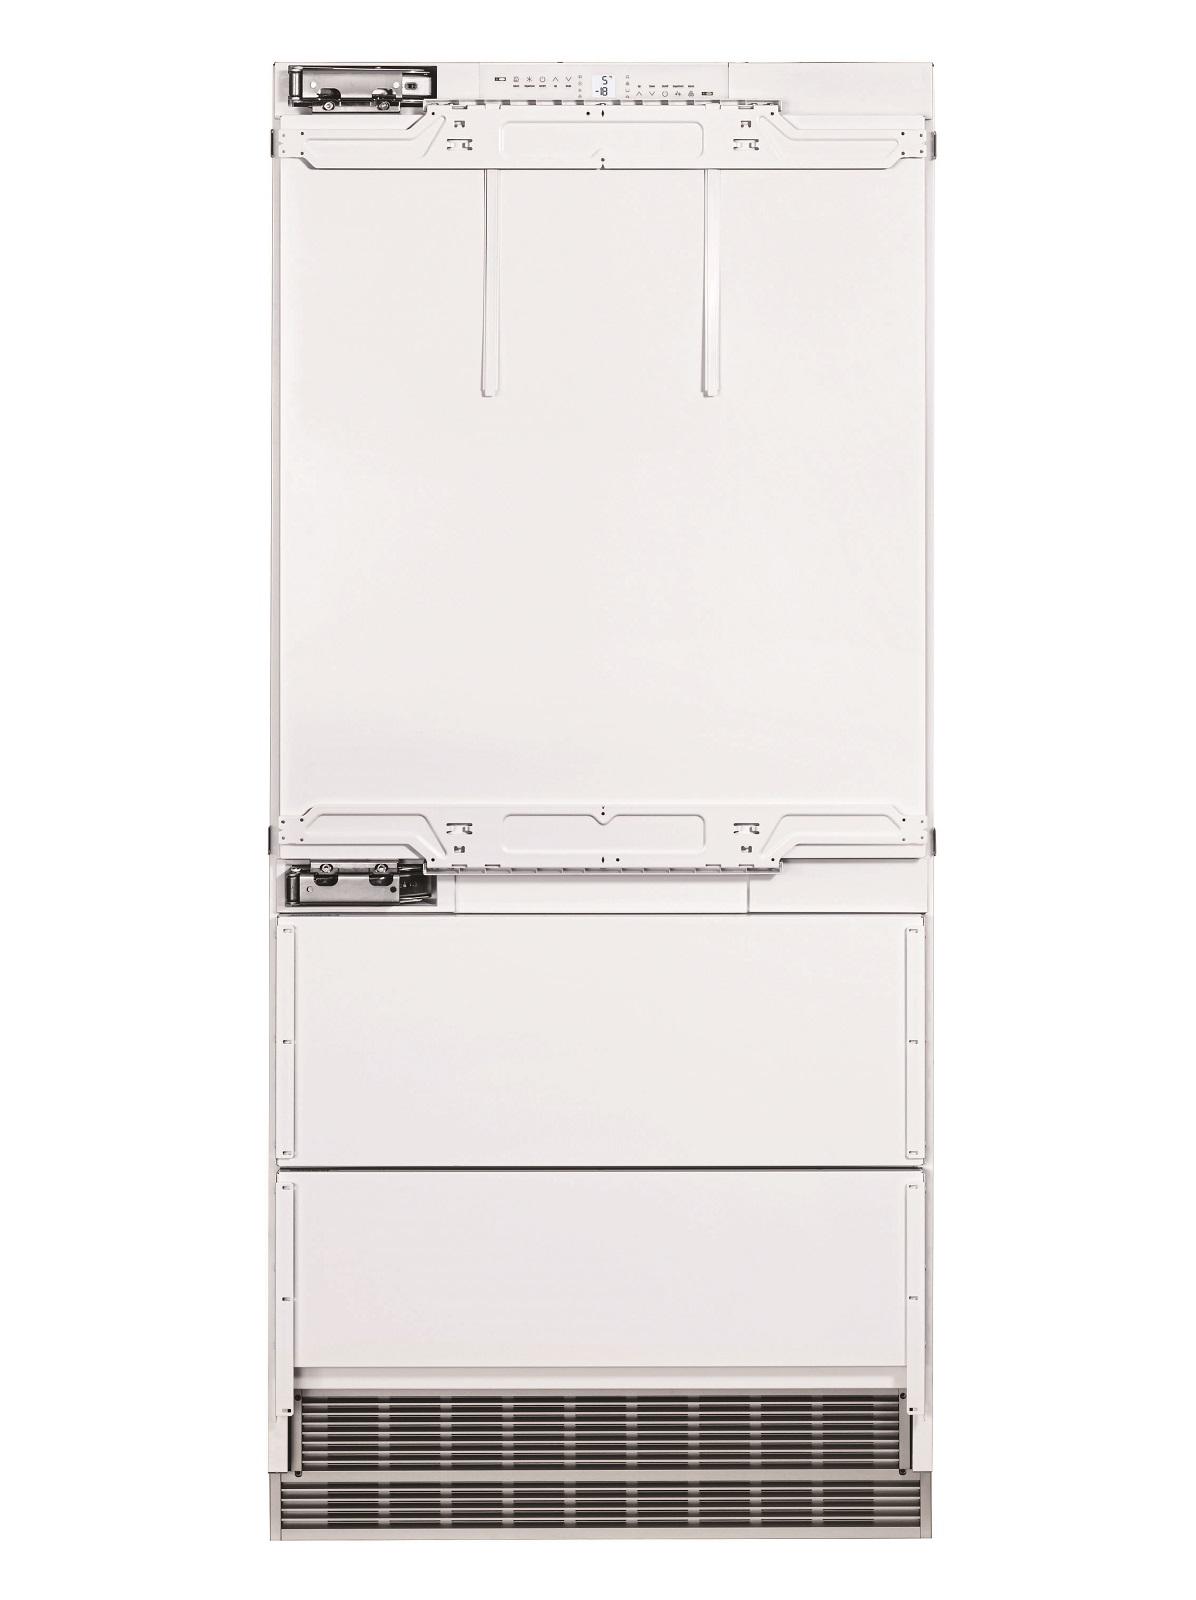 купить Встраиваемый двухкамерный холодильник Liebherr ECBN 6156 617 Украина фото 2